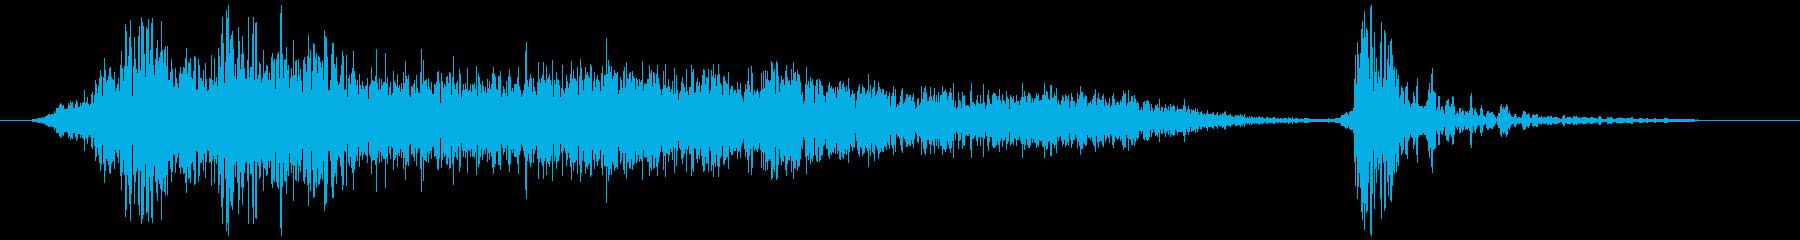 障子を閉める ザァーッ コッの再生済みの波形